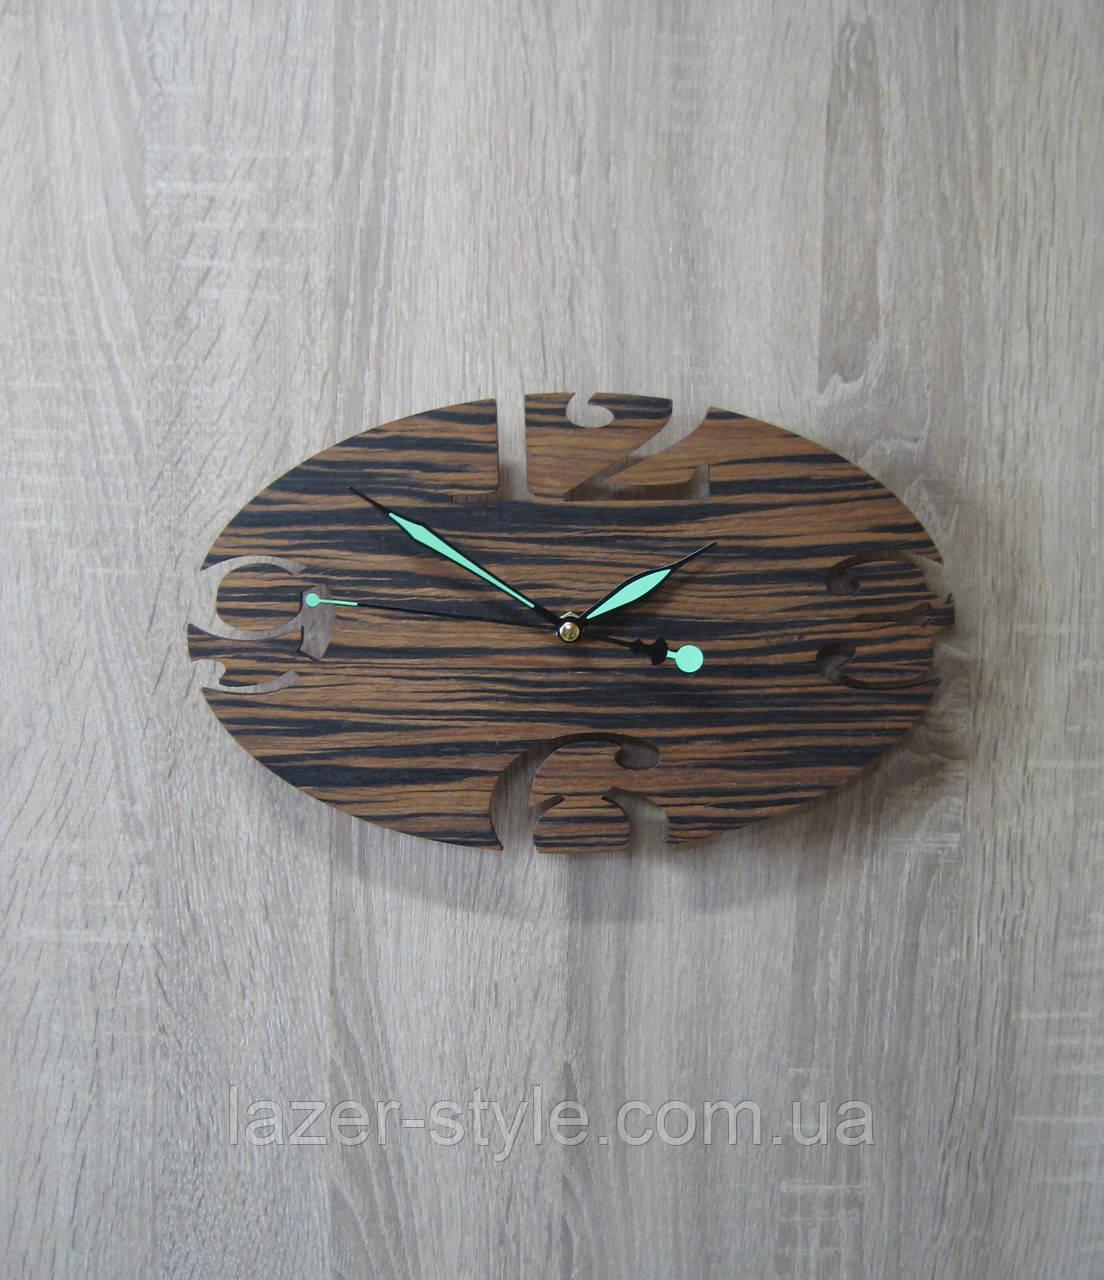 """Авторские часы """" Овал темный  арабские цифры"""""""